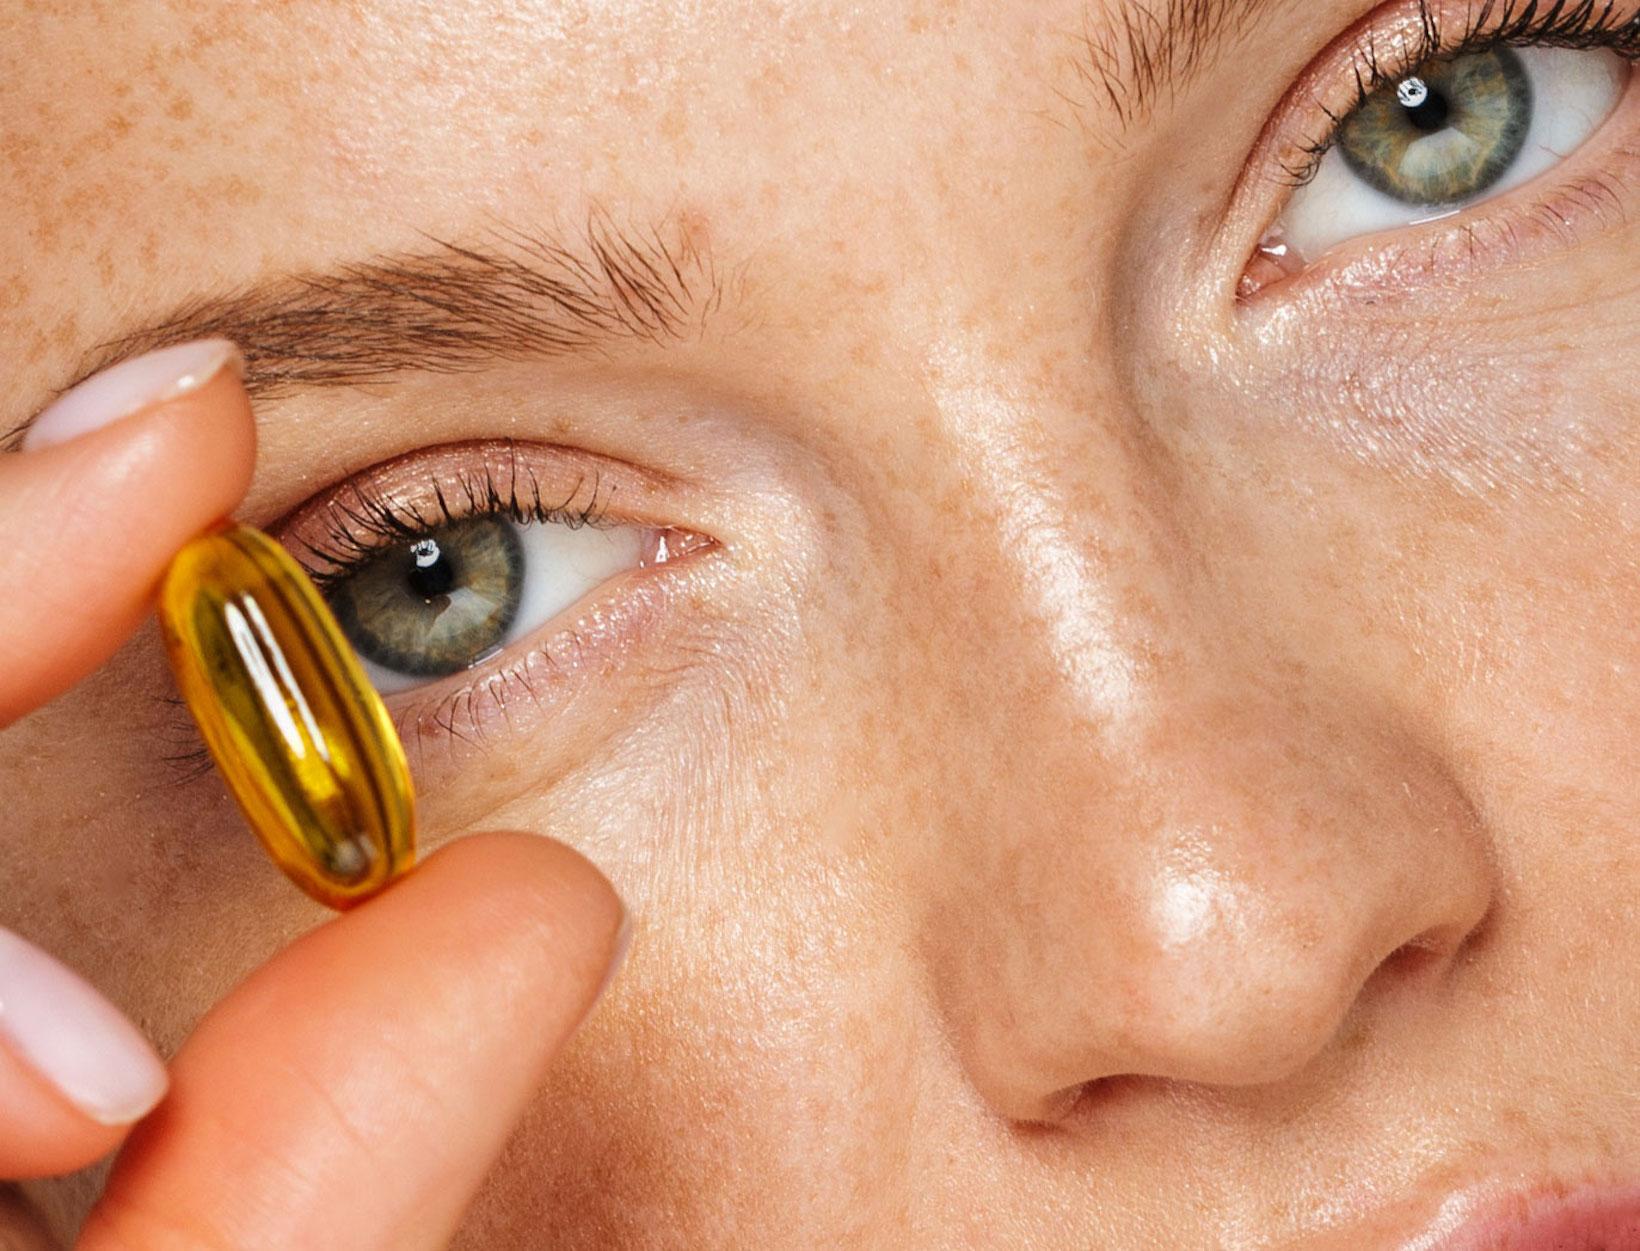 woman holding a supplement pill